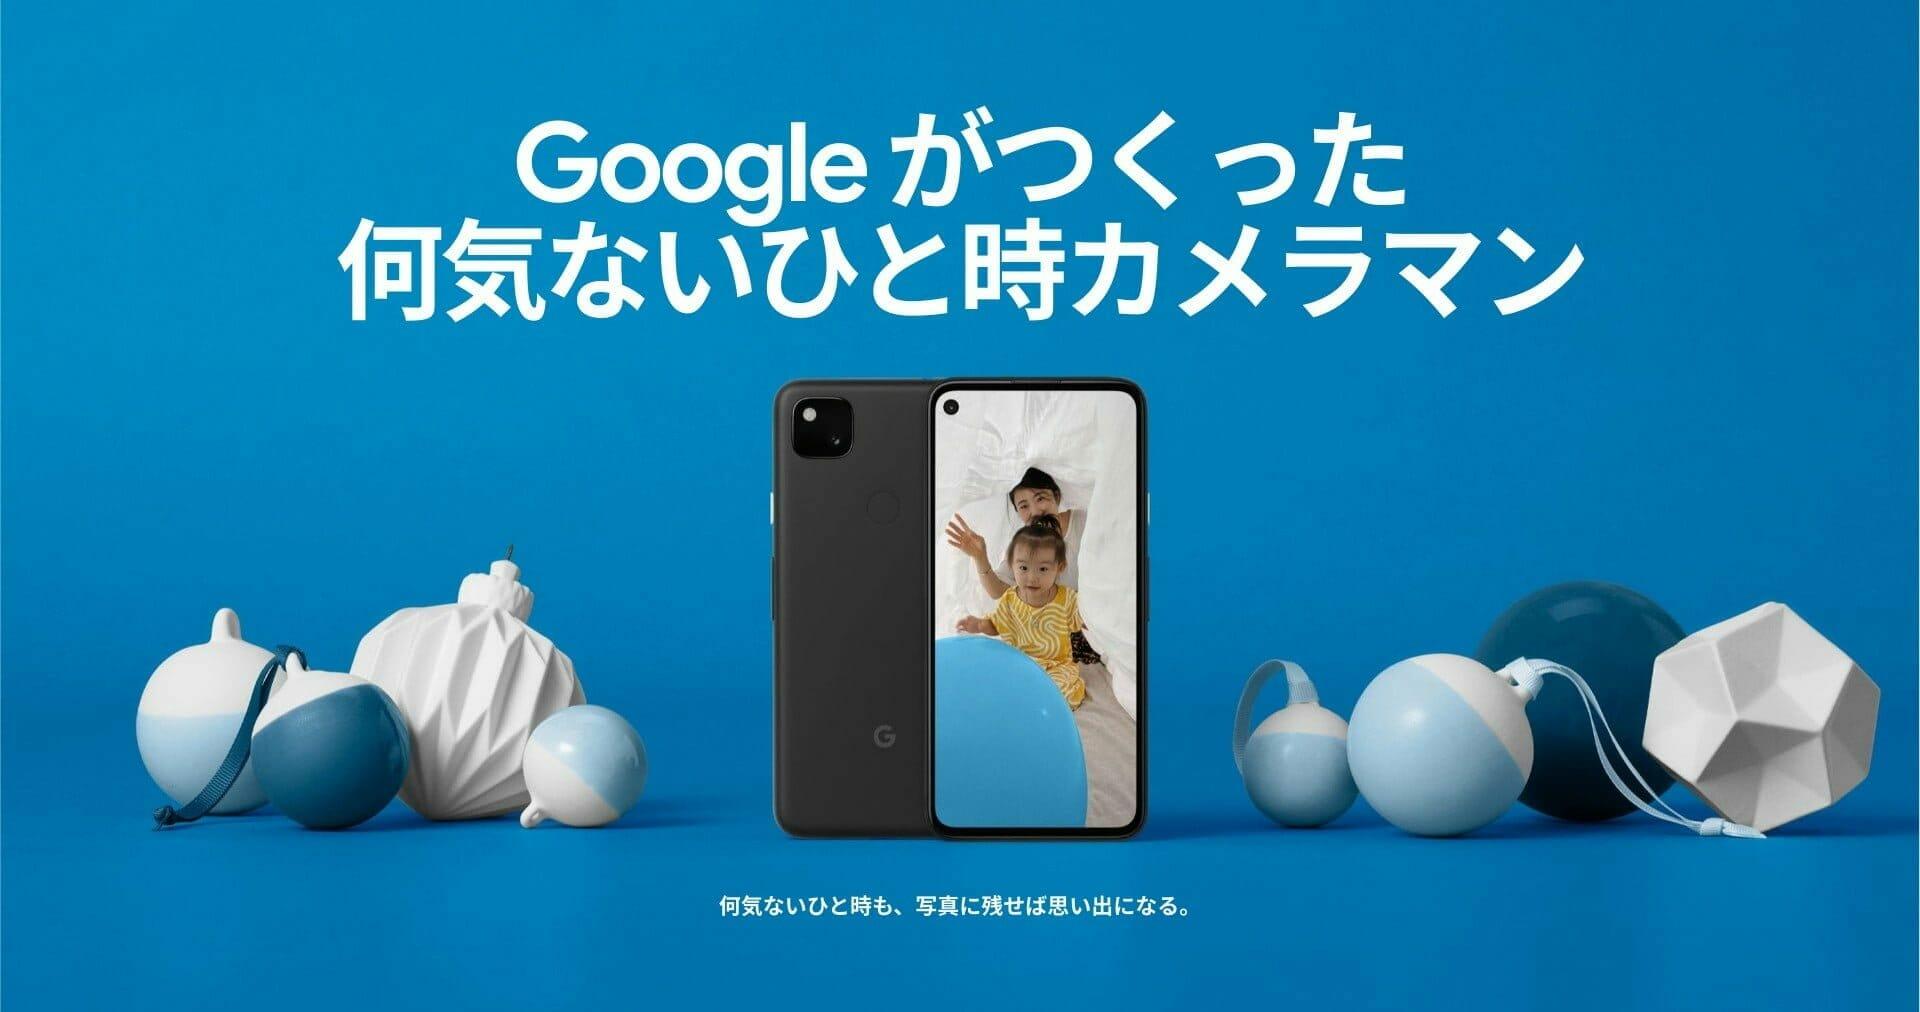 Google ホリデー デザイン:スマートフォン「Google Pixel 4a(5G)」